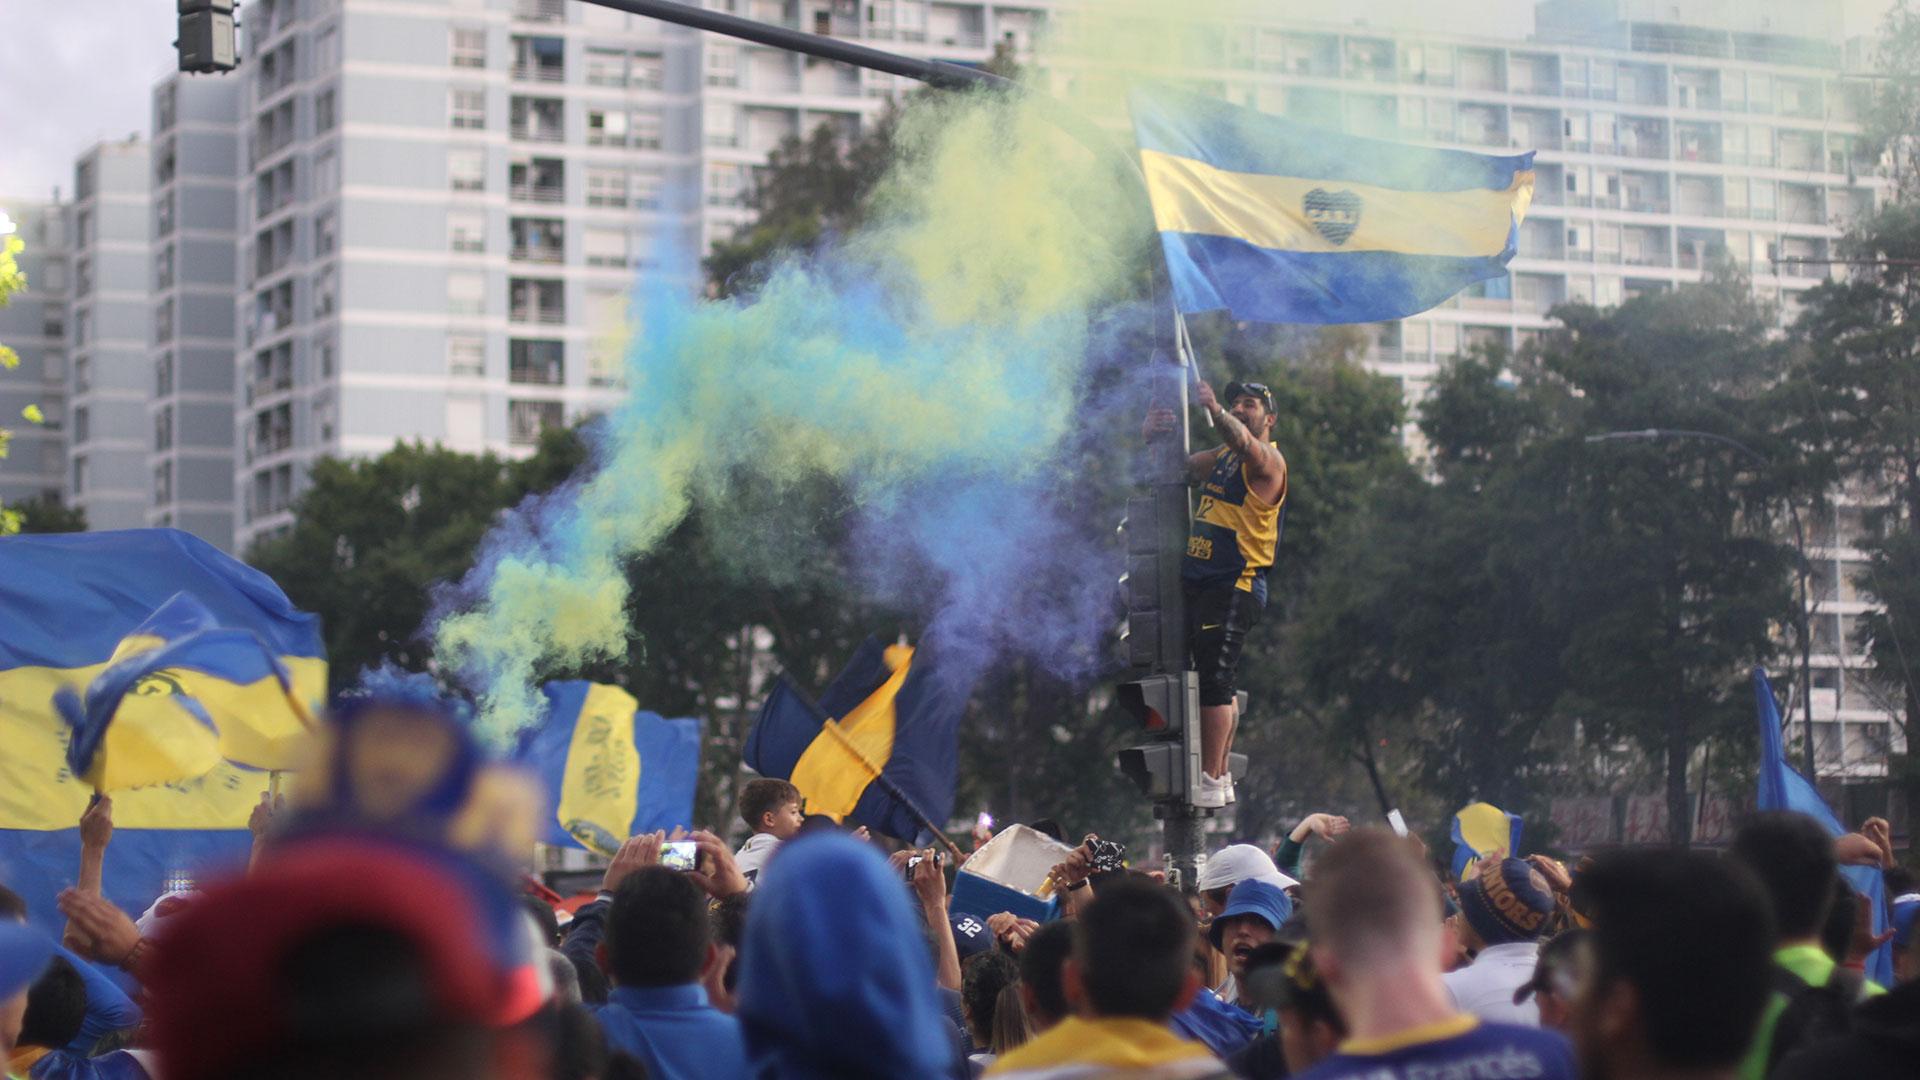 Boca y River disputarán el trofeo más codiciado del continente en el Santiago Bernabéu, un escenario atípico para la definición